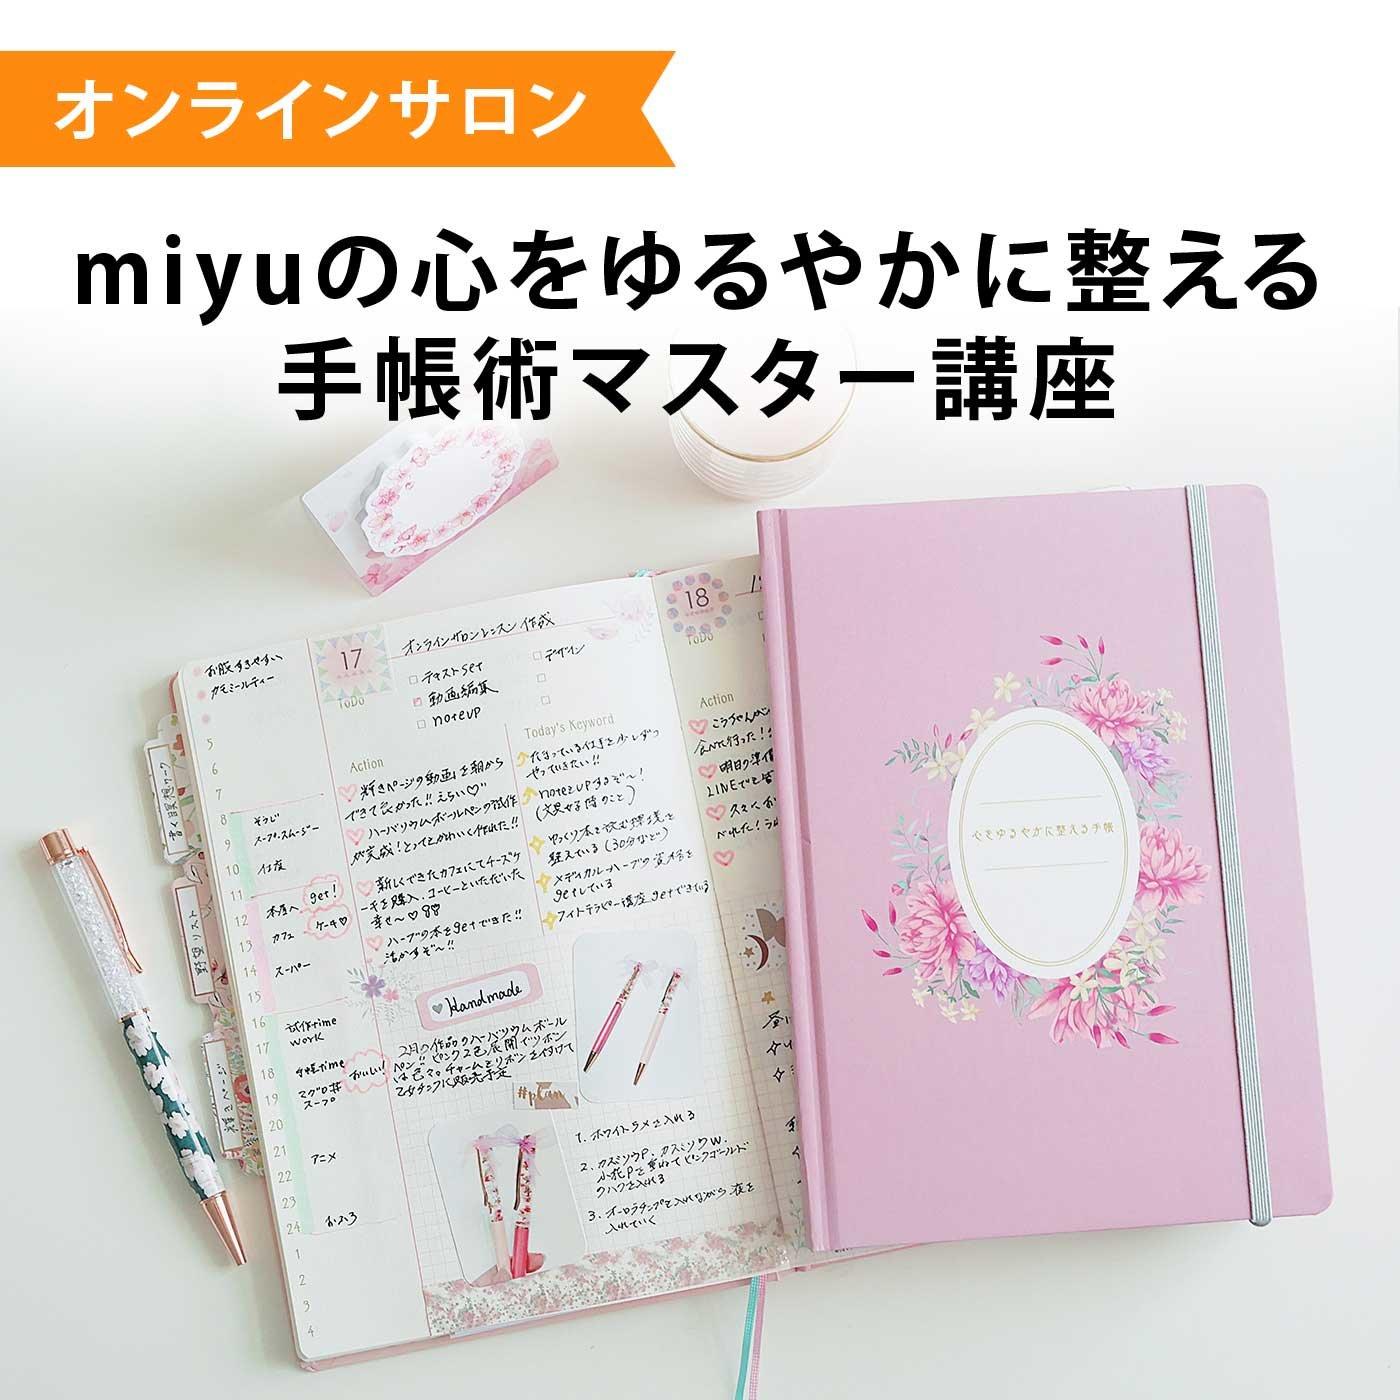 【オンラインサロン】miyuの心をゆるやかに整える手帳術マスター講座